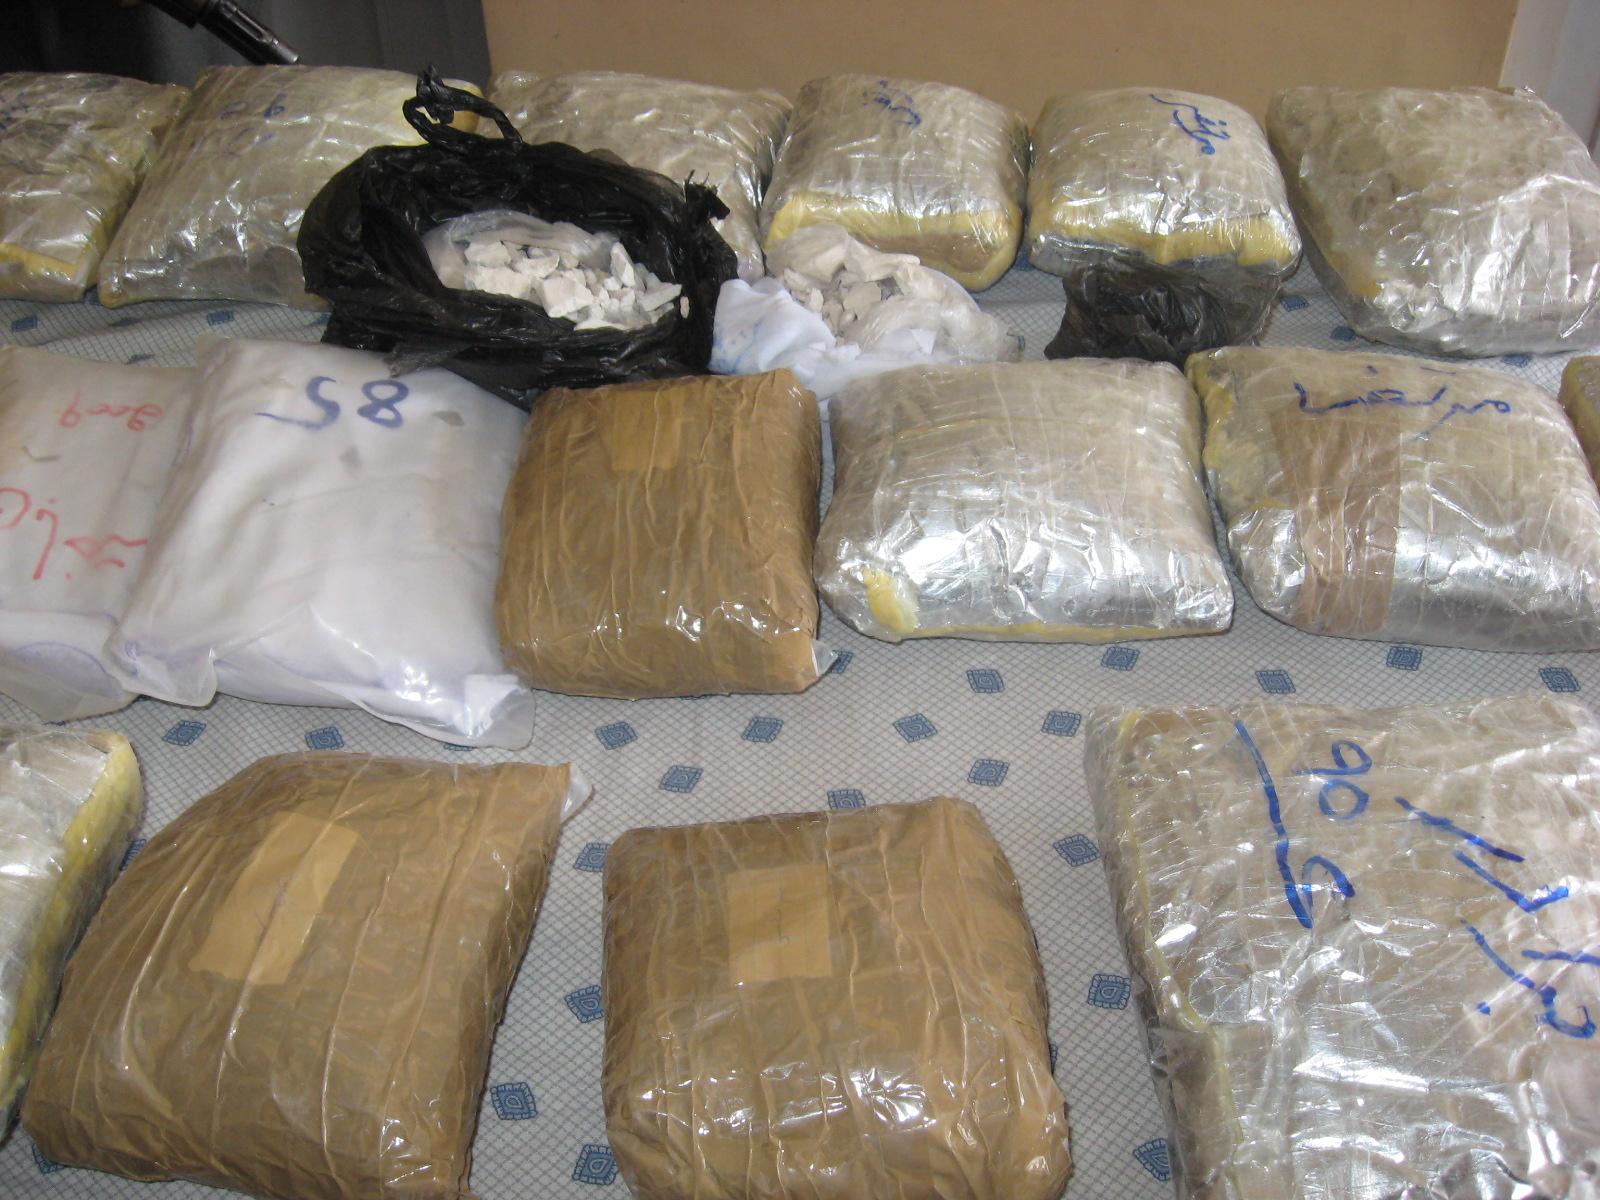 کشف و ضبط یک محموله مواد دمخدر - كشف و ضبط ۲۵ كيلو گرام ترياك در ولایت غزنی